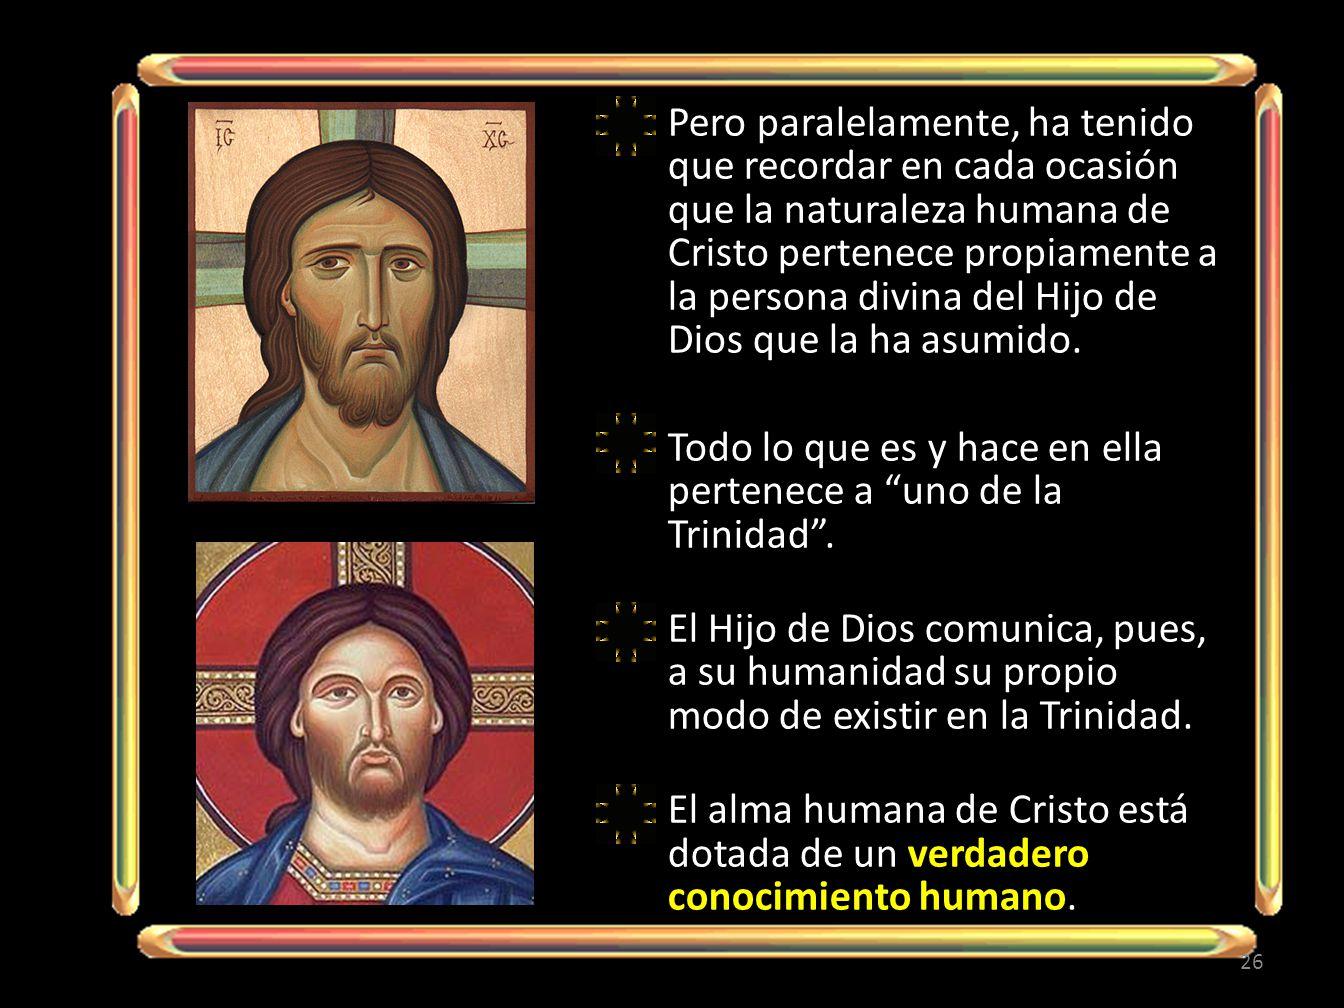 Pero paralelamente, ha tenido que recordar en cada ocasión que la naturaleza humana de Cristo pertenece propiamente a la persona divina del Hijo de Di